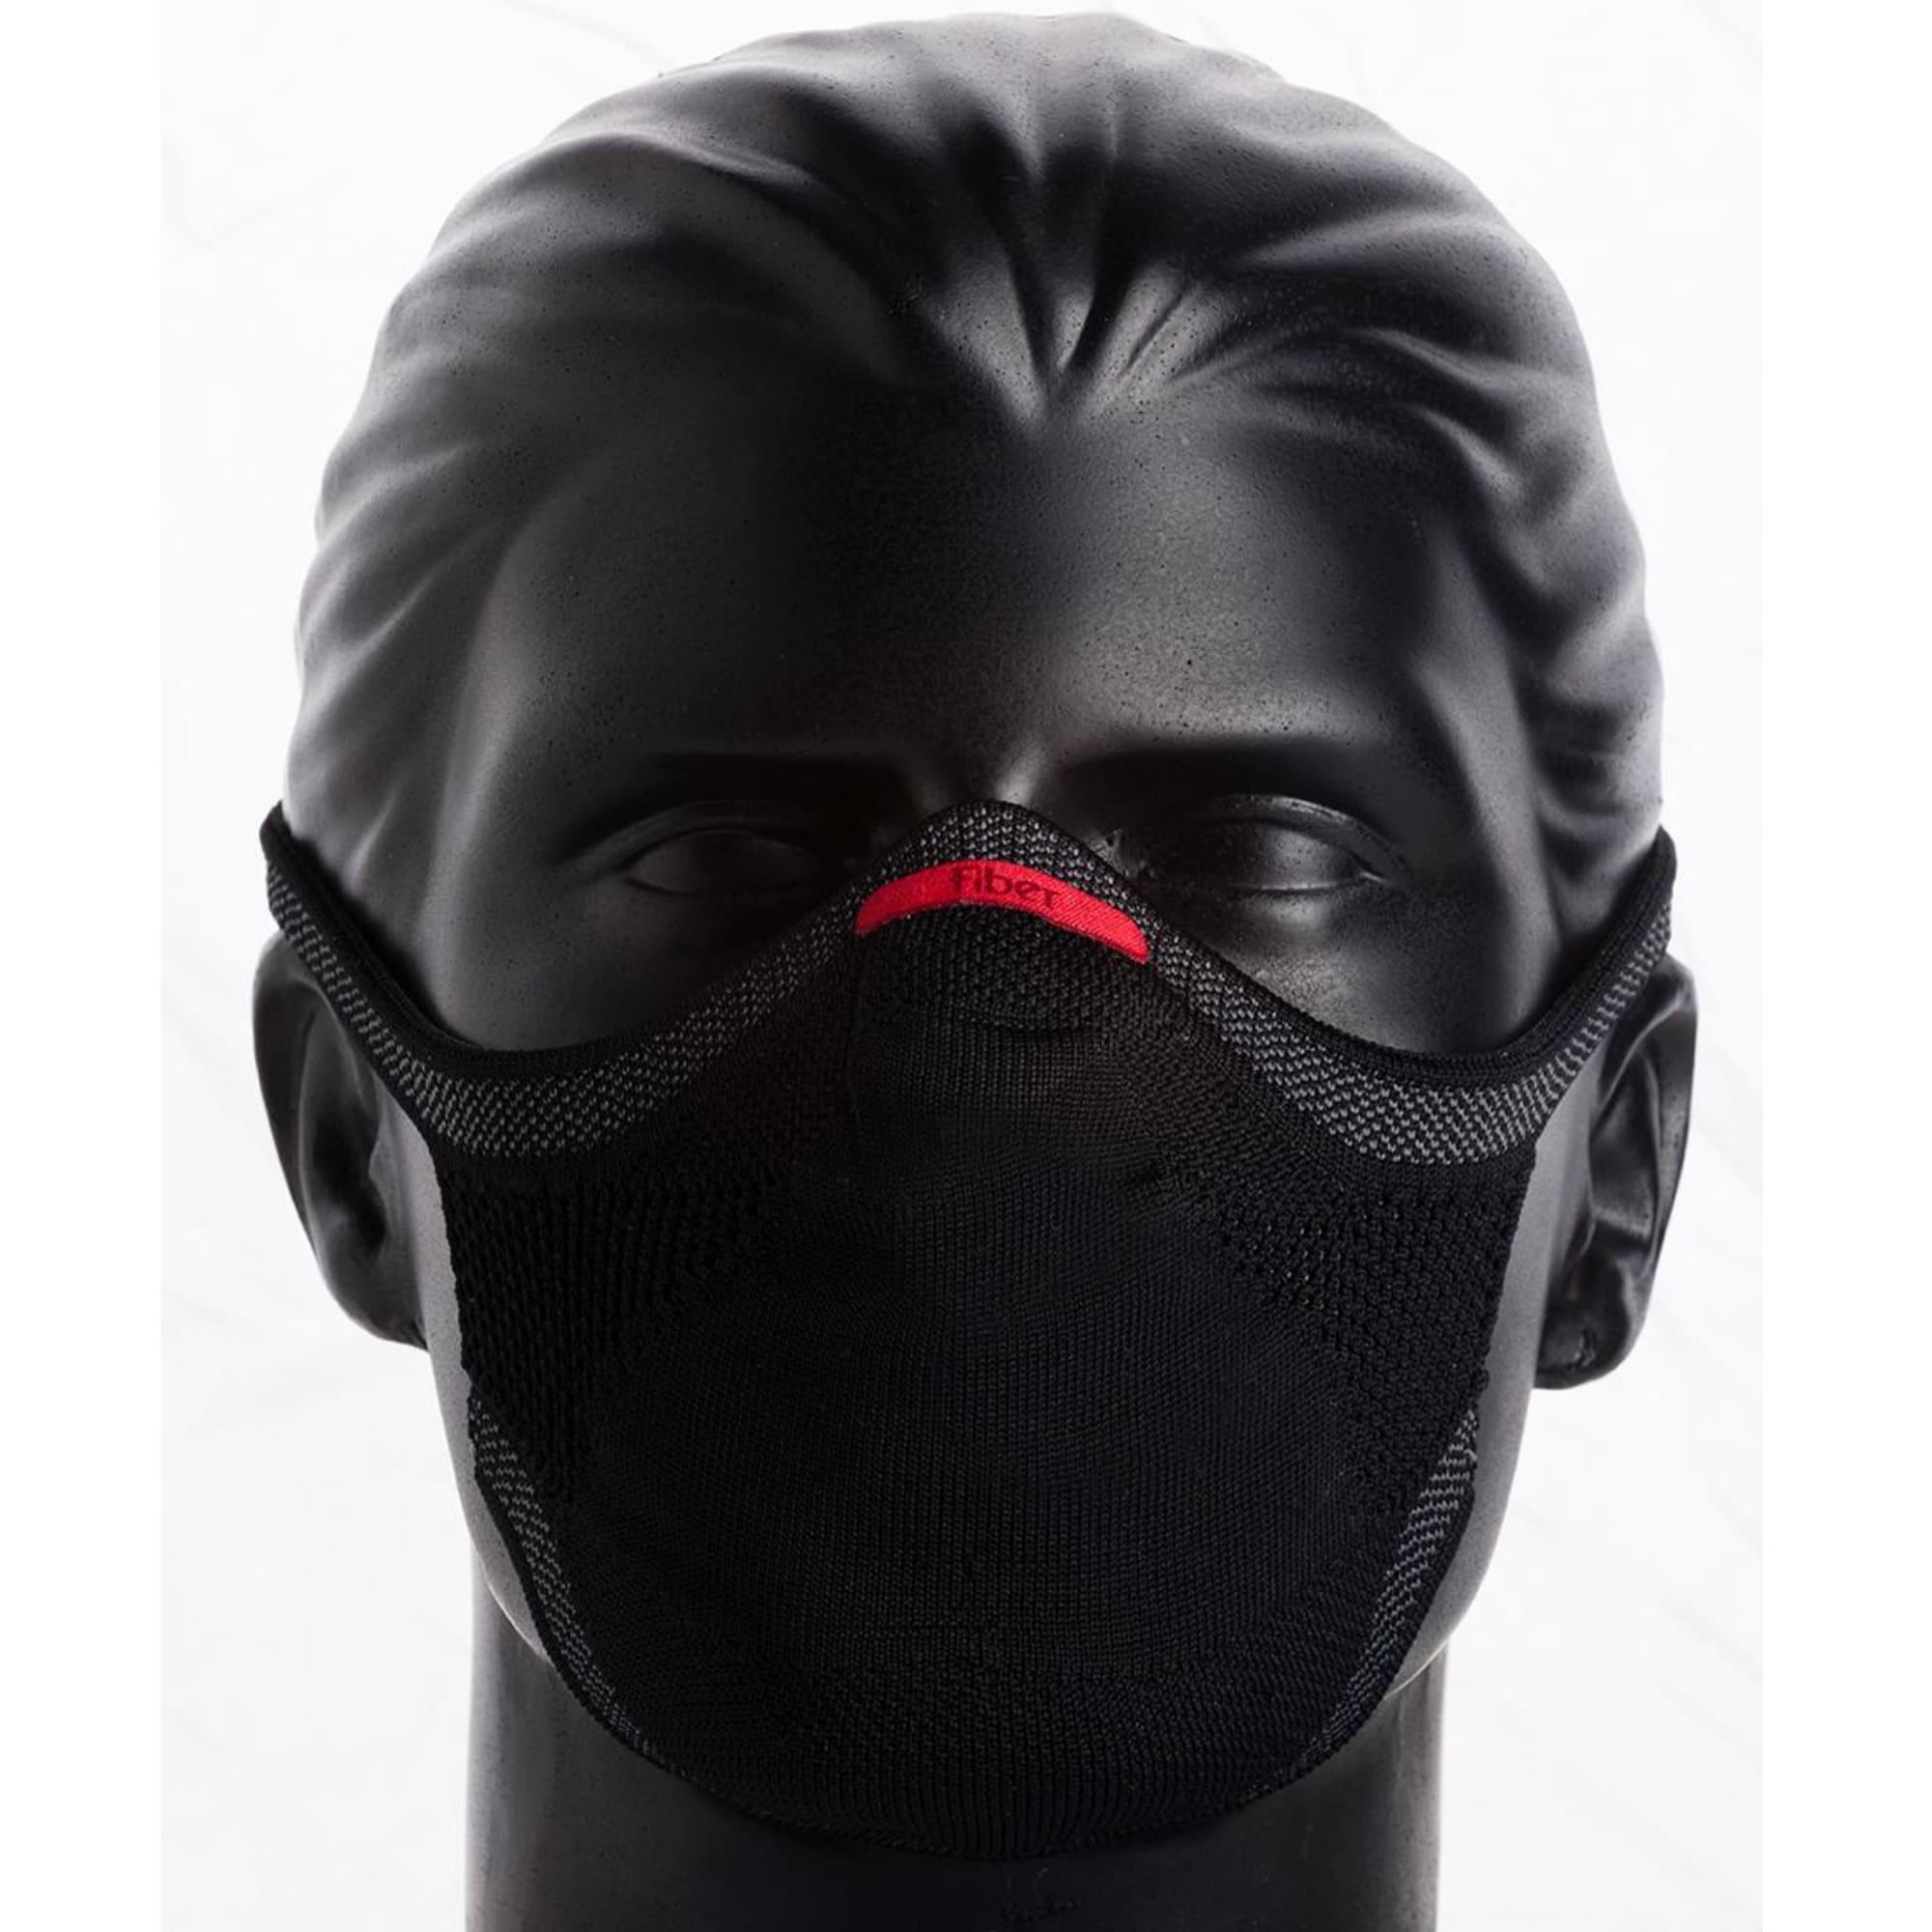 KIT 2 Máscaras Pretas + 2 Refis de Filtro + 2 Suportes